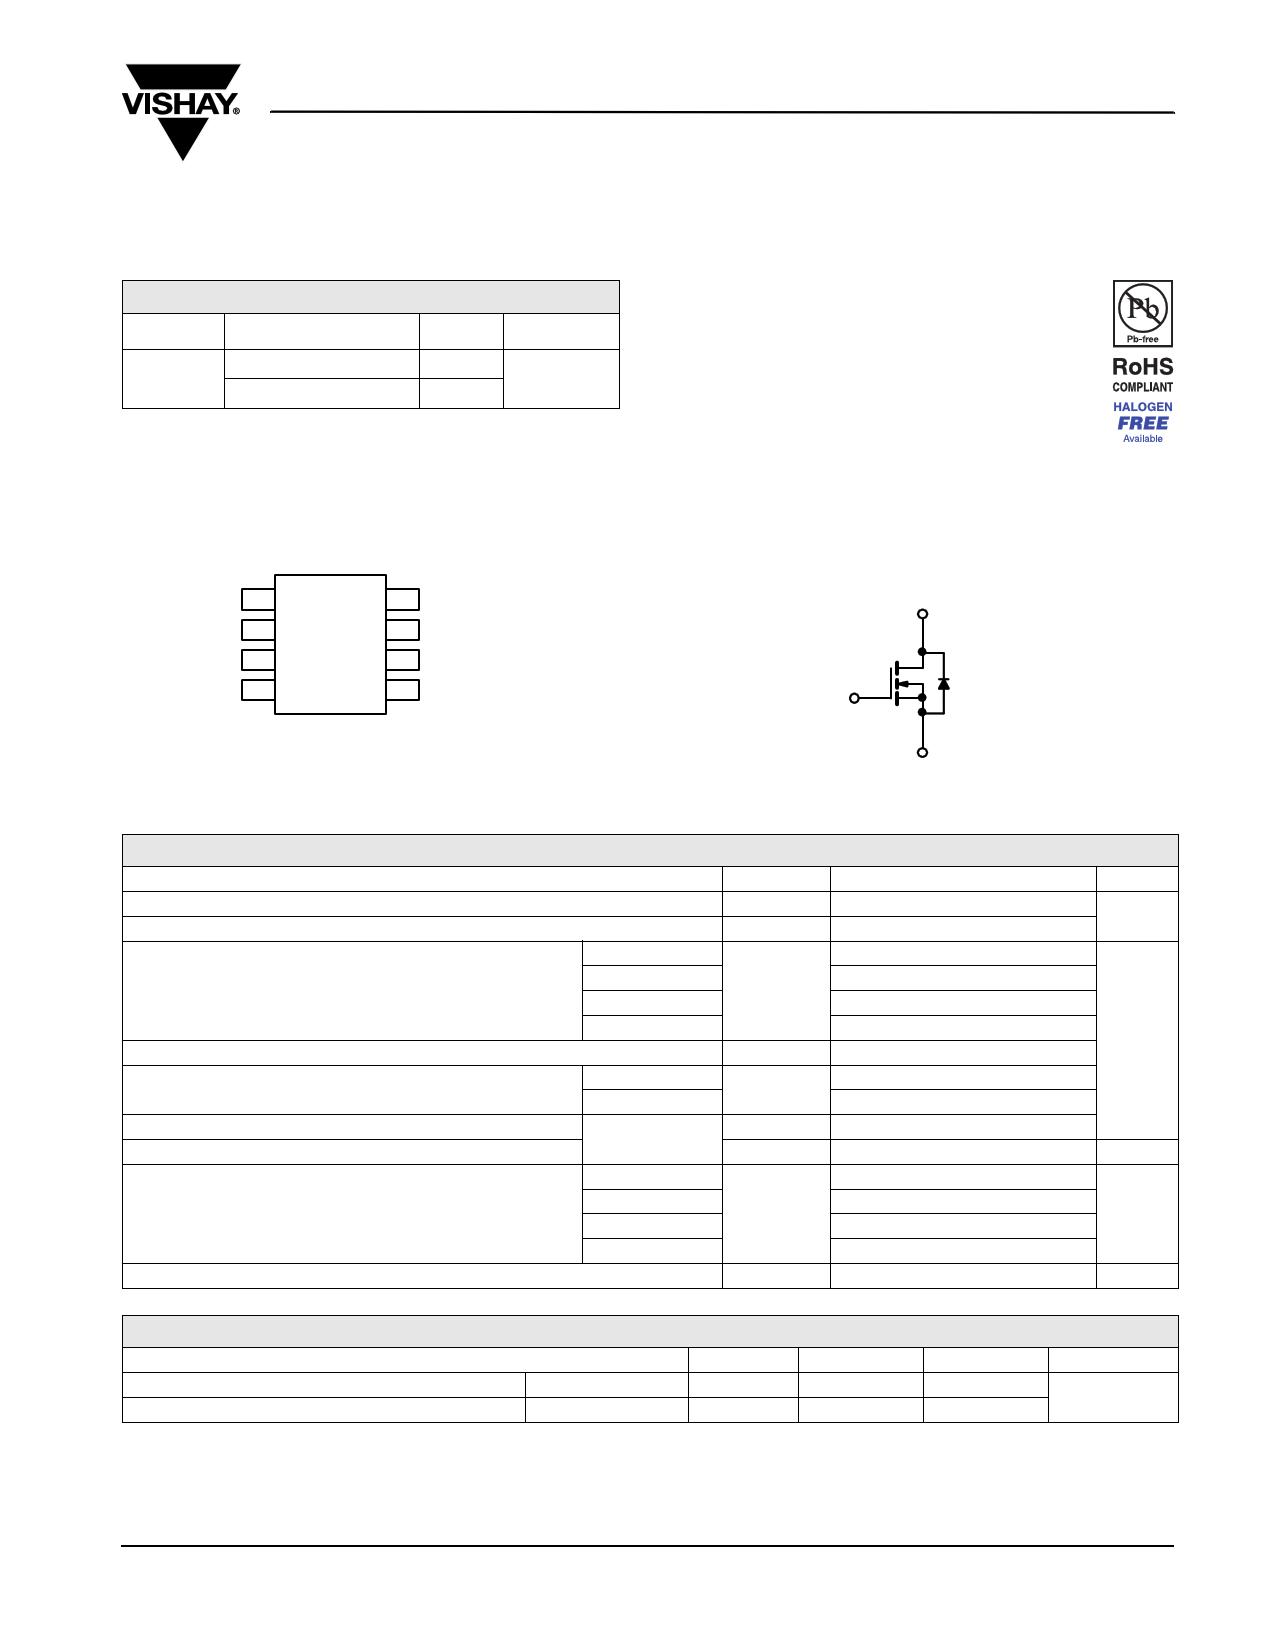 SI4436DY datasheet